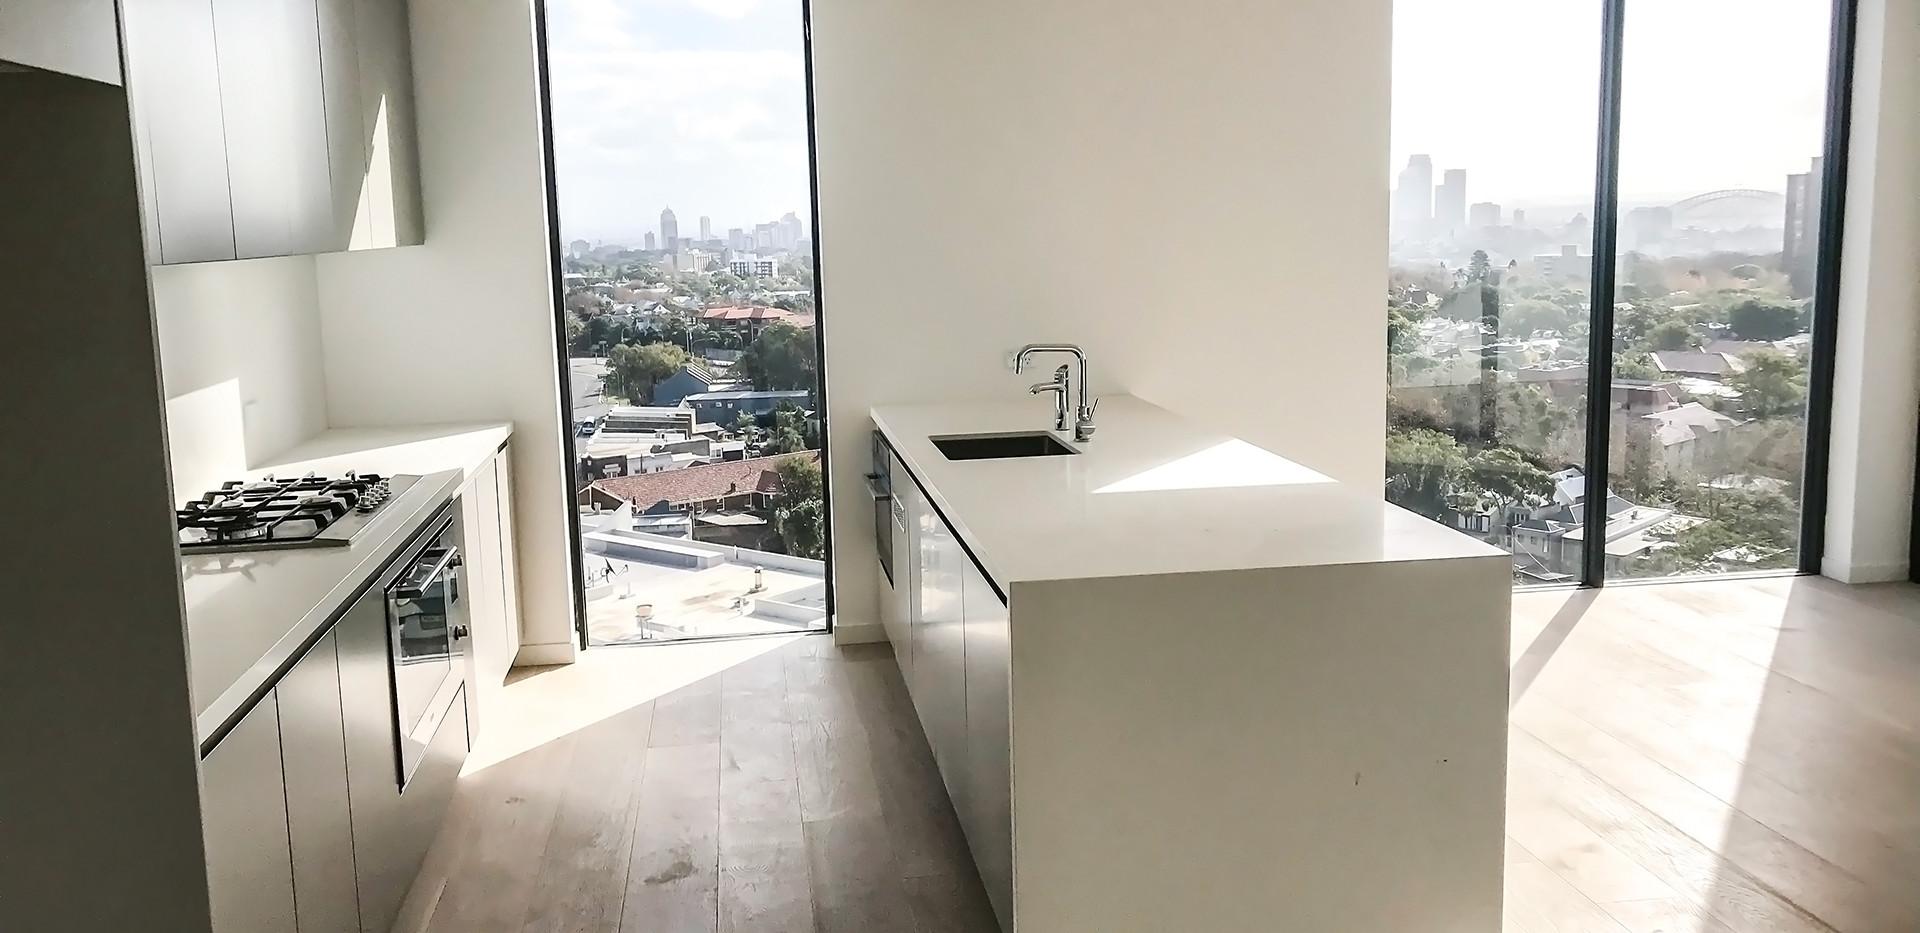 Luxury Contemporary Kitchen